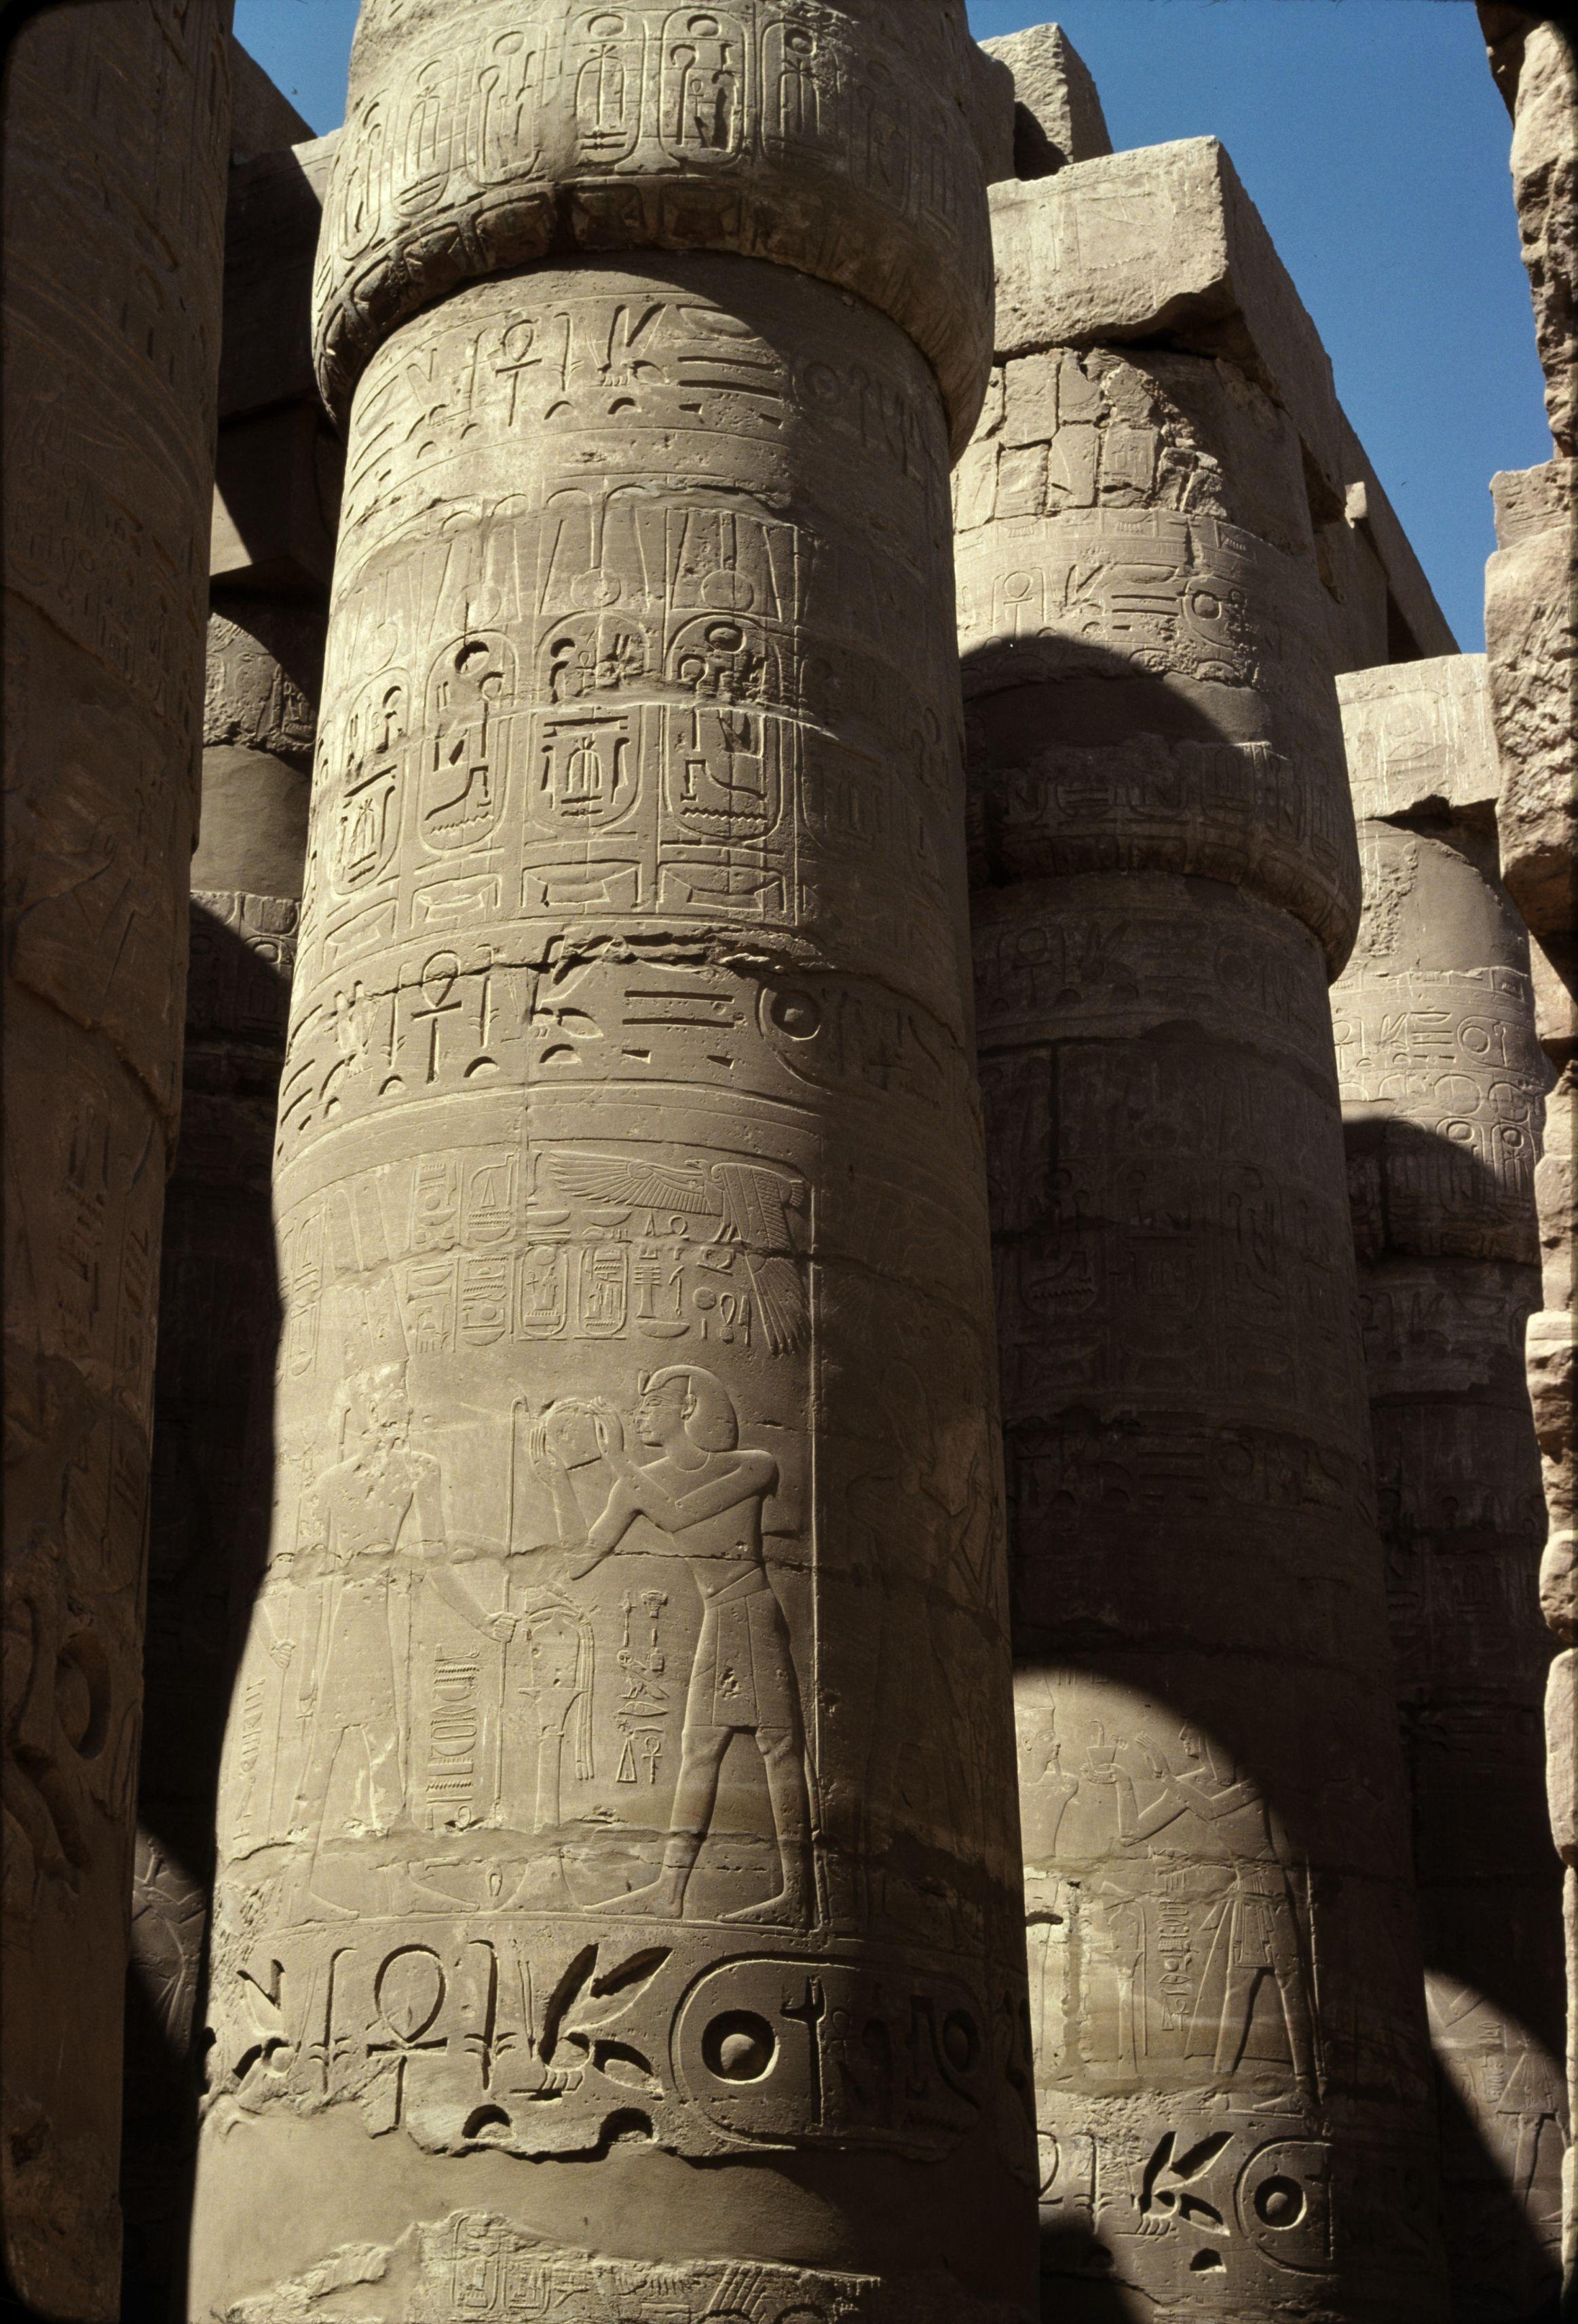 Храм Амона-Ра. Колонна в Колонном зале. Сети I совершает жертвоприношение Амону, тут же картуш его сына Рамсеса II